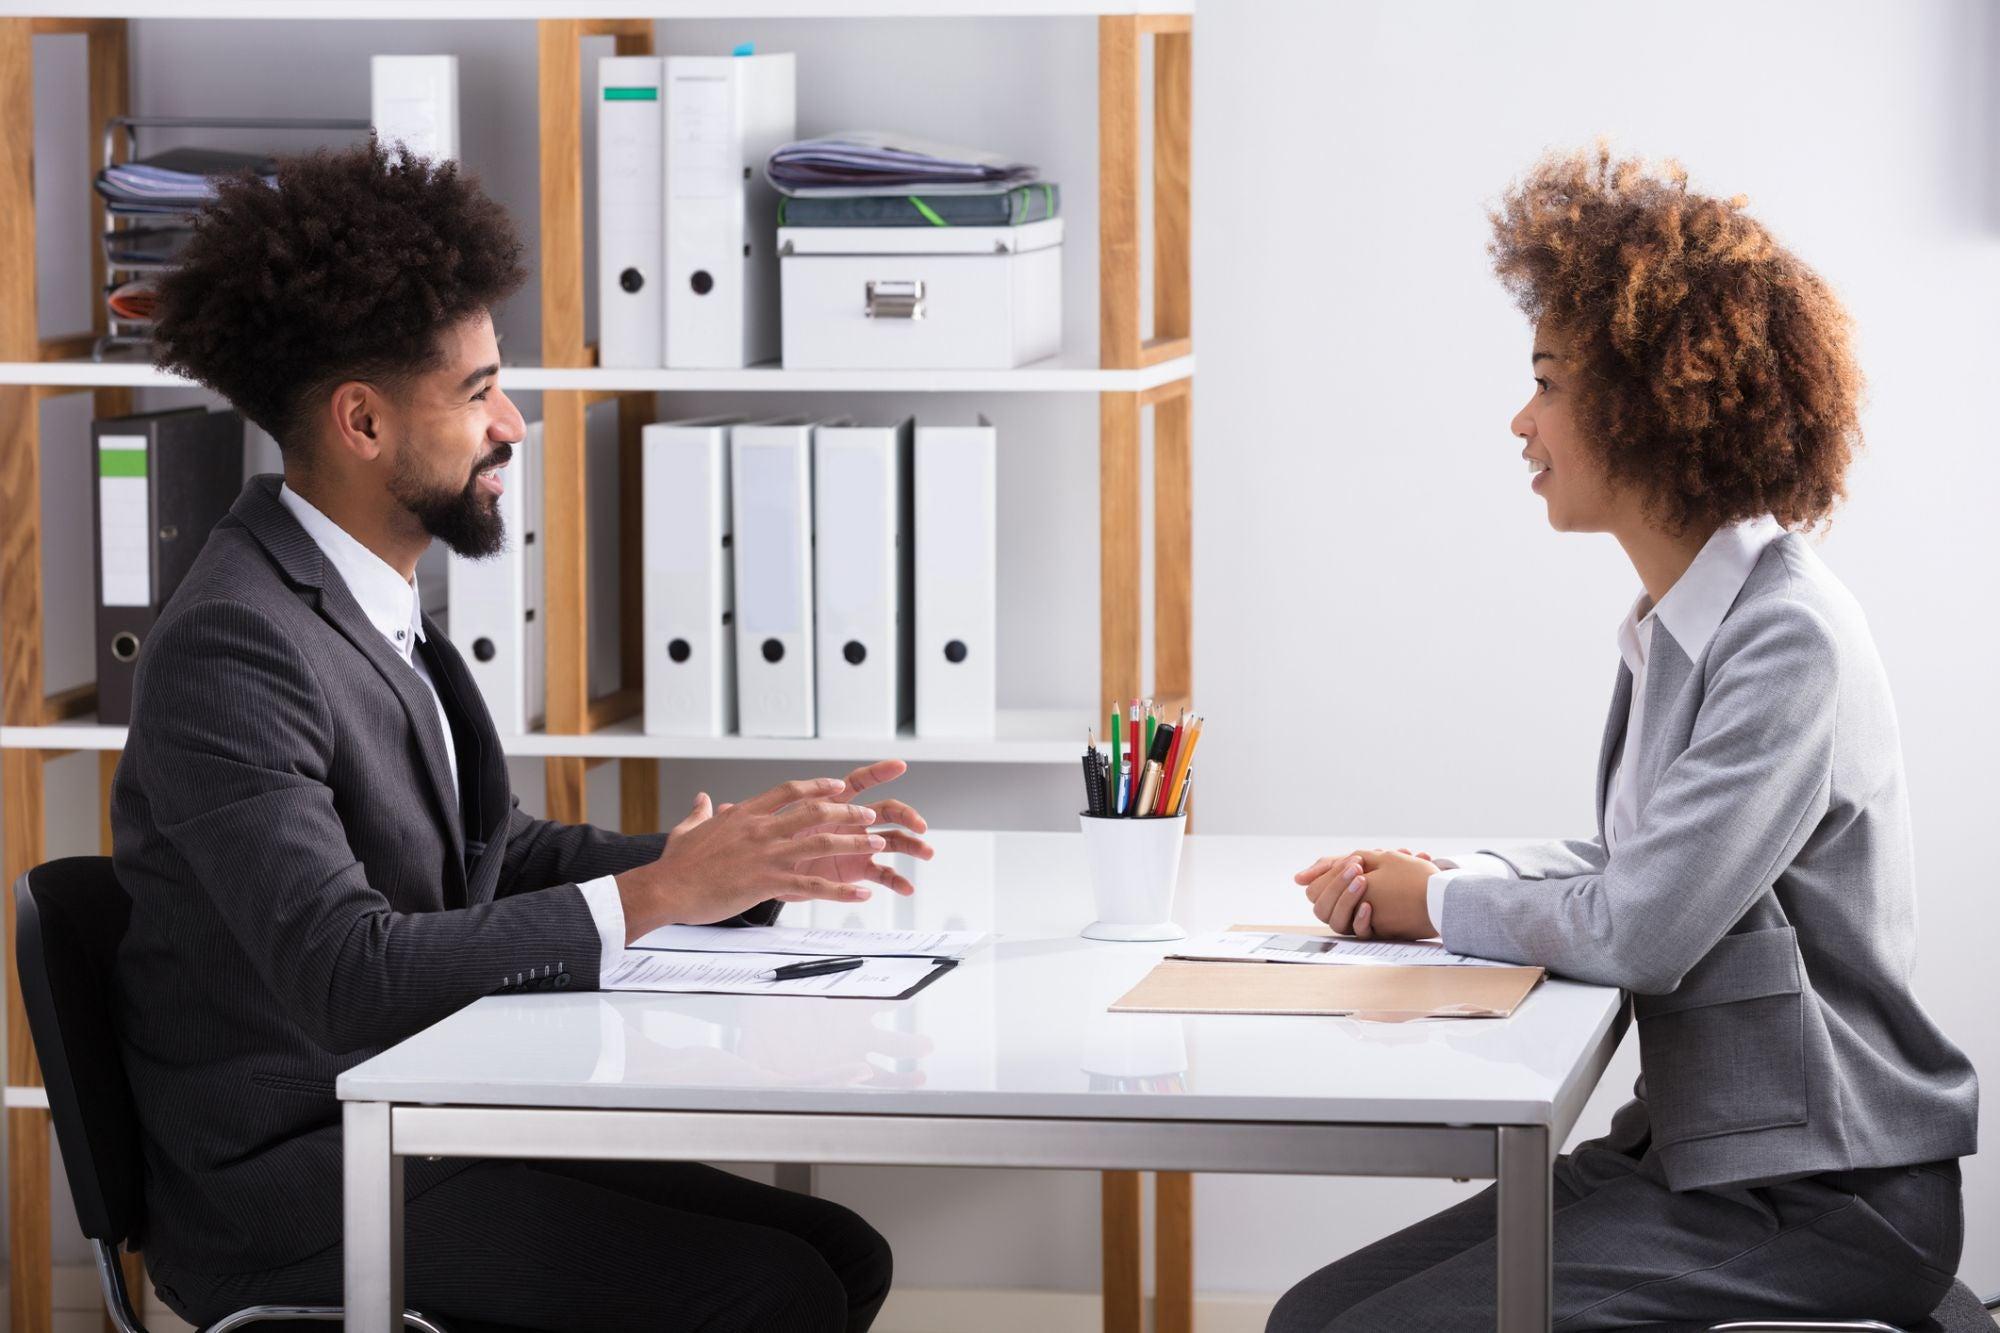 Top 10 Job Interview Tips for Job Seekers | LiveCareer